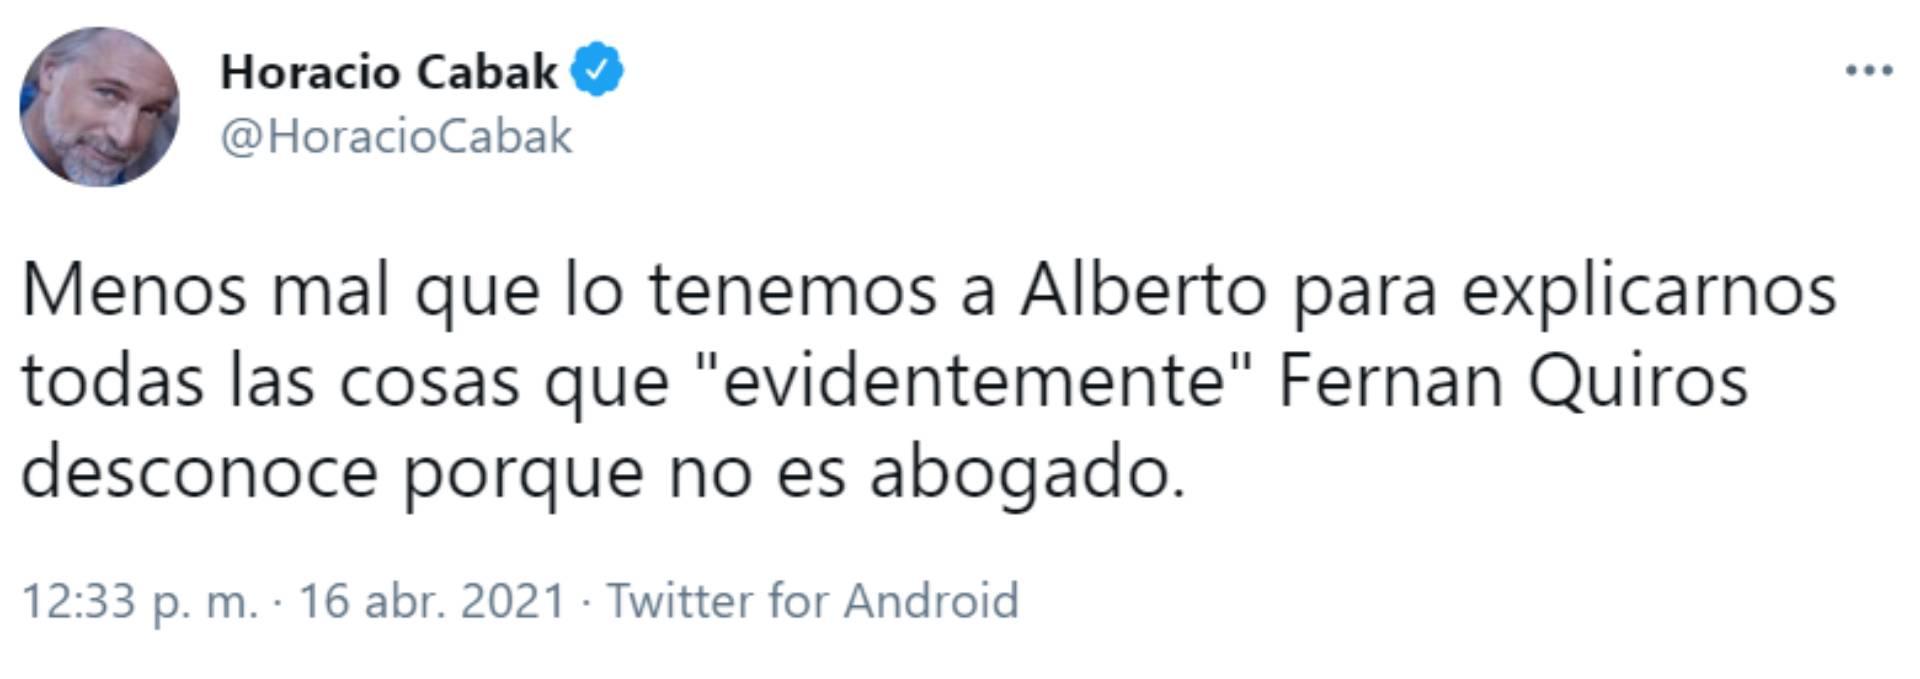 El mensaje de Horacio Cabak sobre el presidente Alberto Fernández